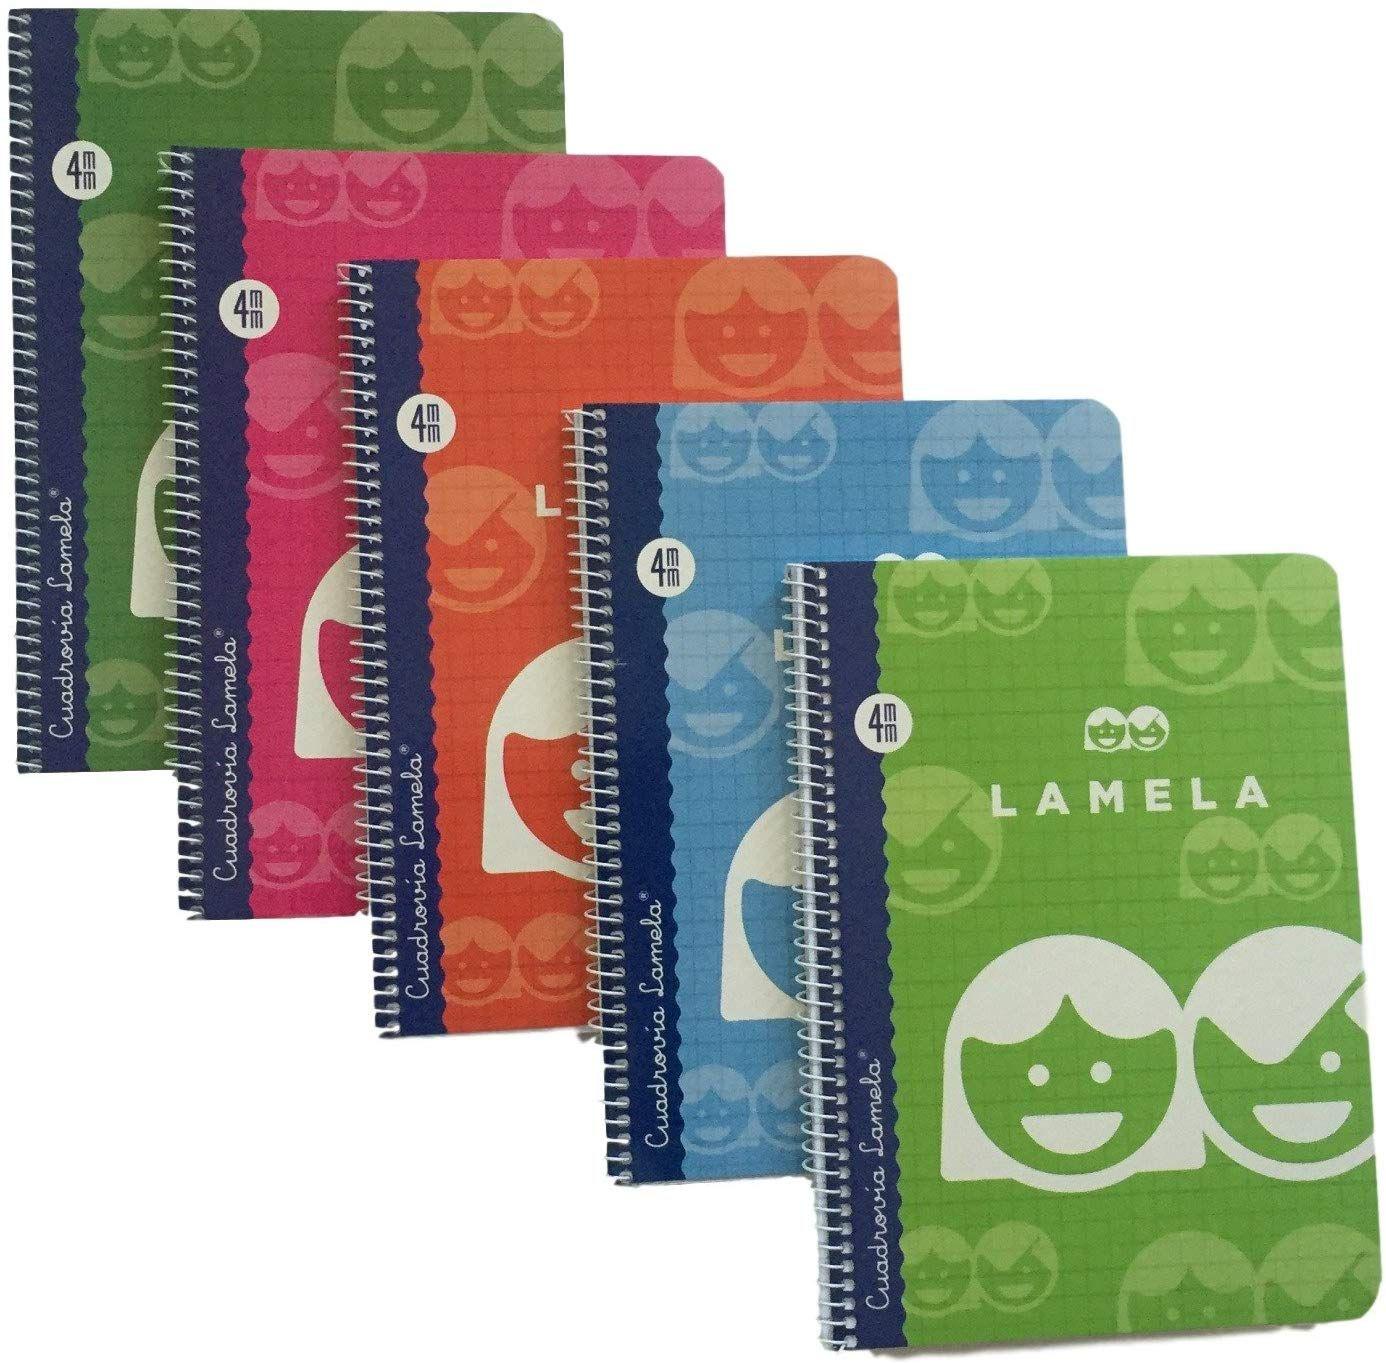 5 Cuadernos de cuadritos, tamaño A5